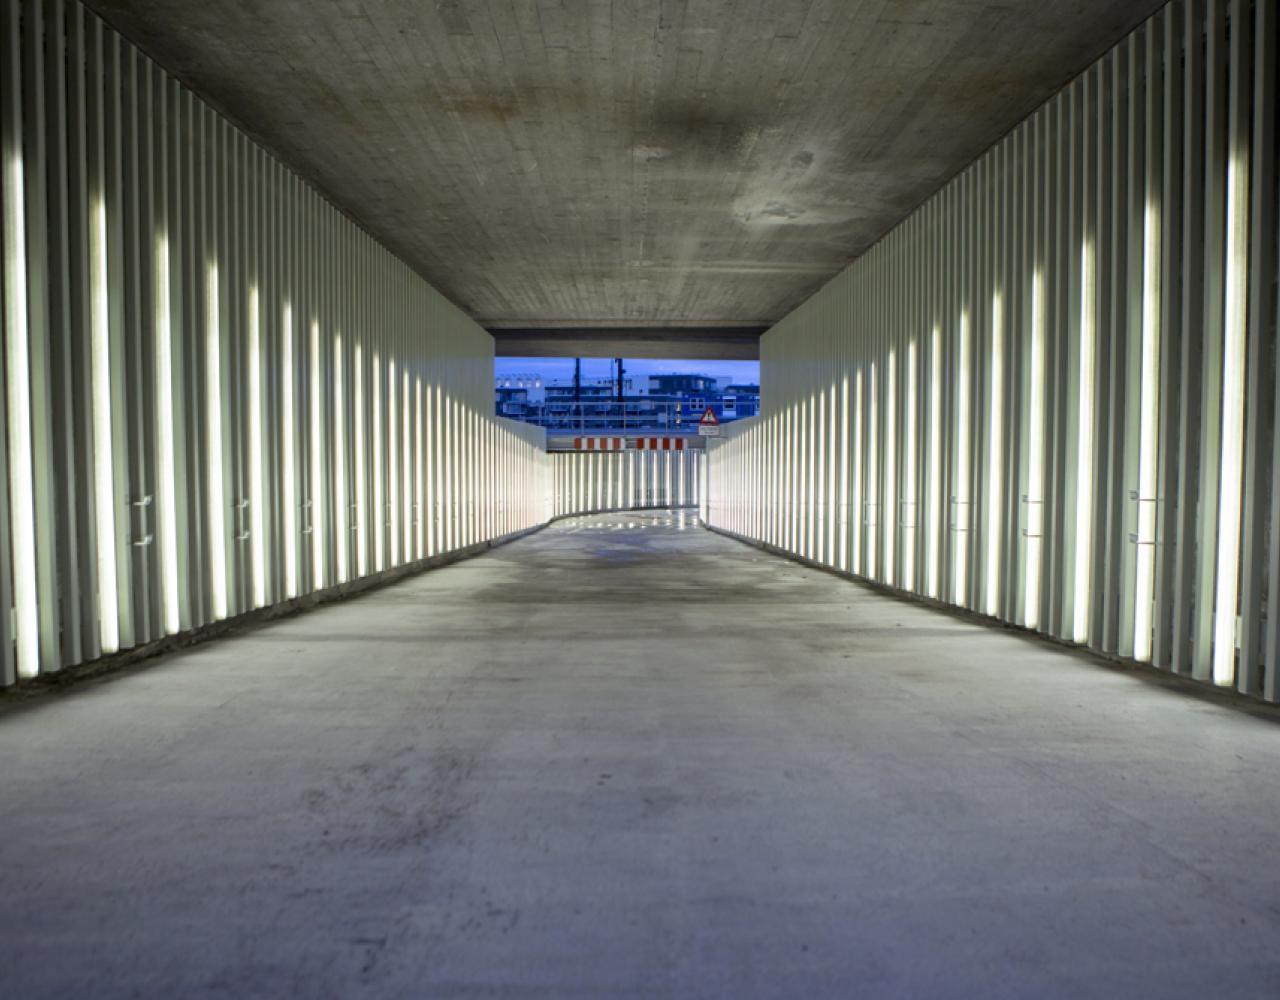 stiforbindelse nordhavn østerbro